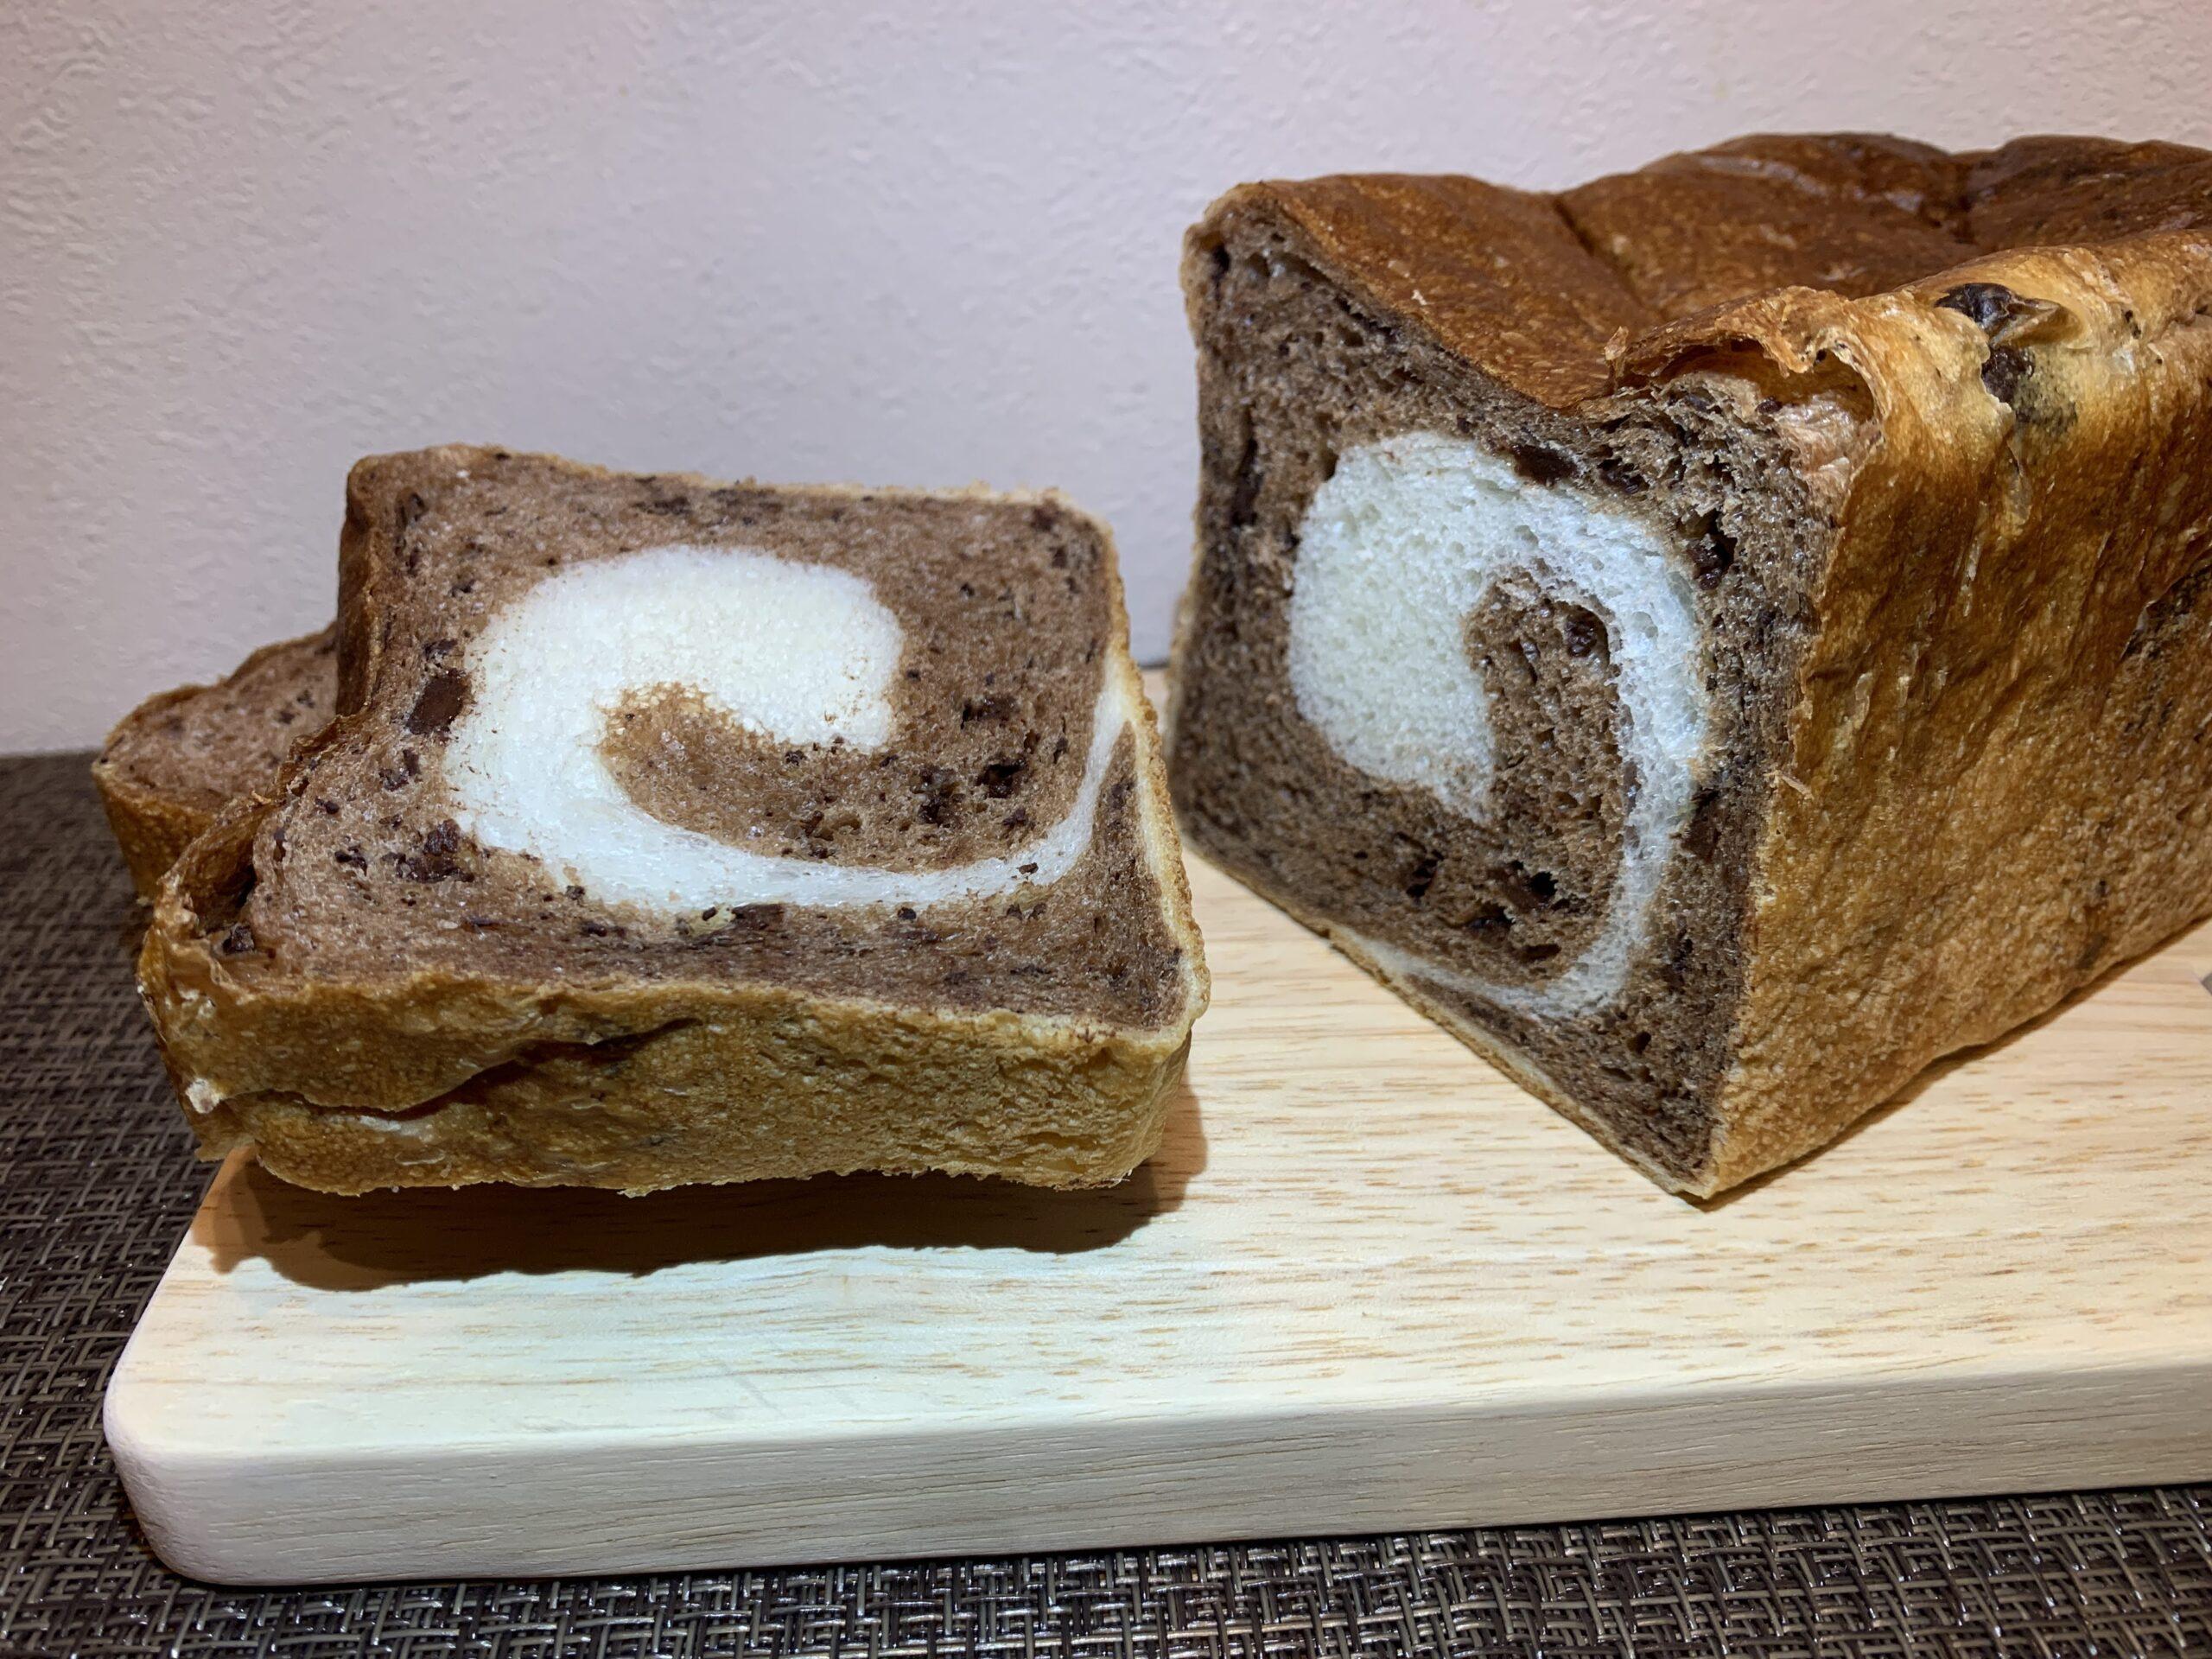 食パン5+(ファイブ)の2月限定ショコラ食パンを食べてみた